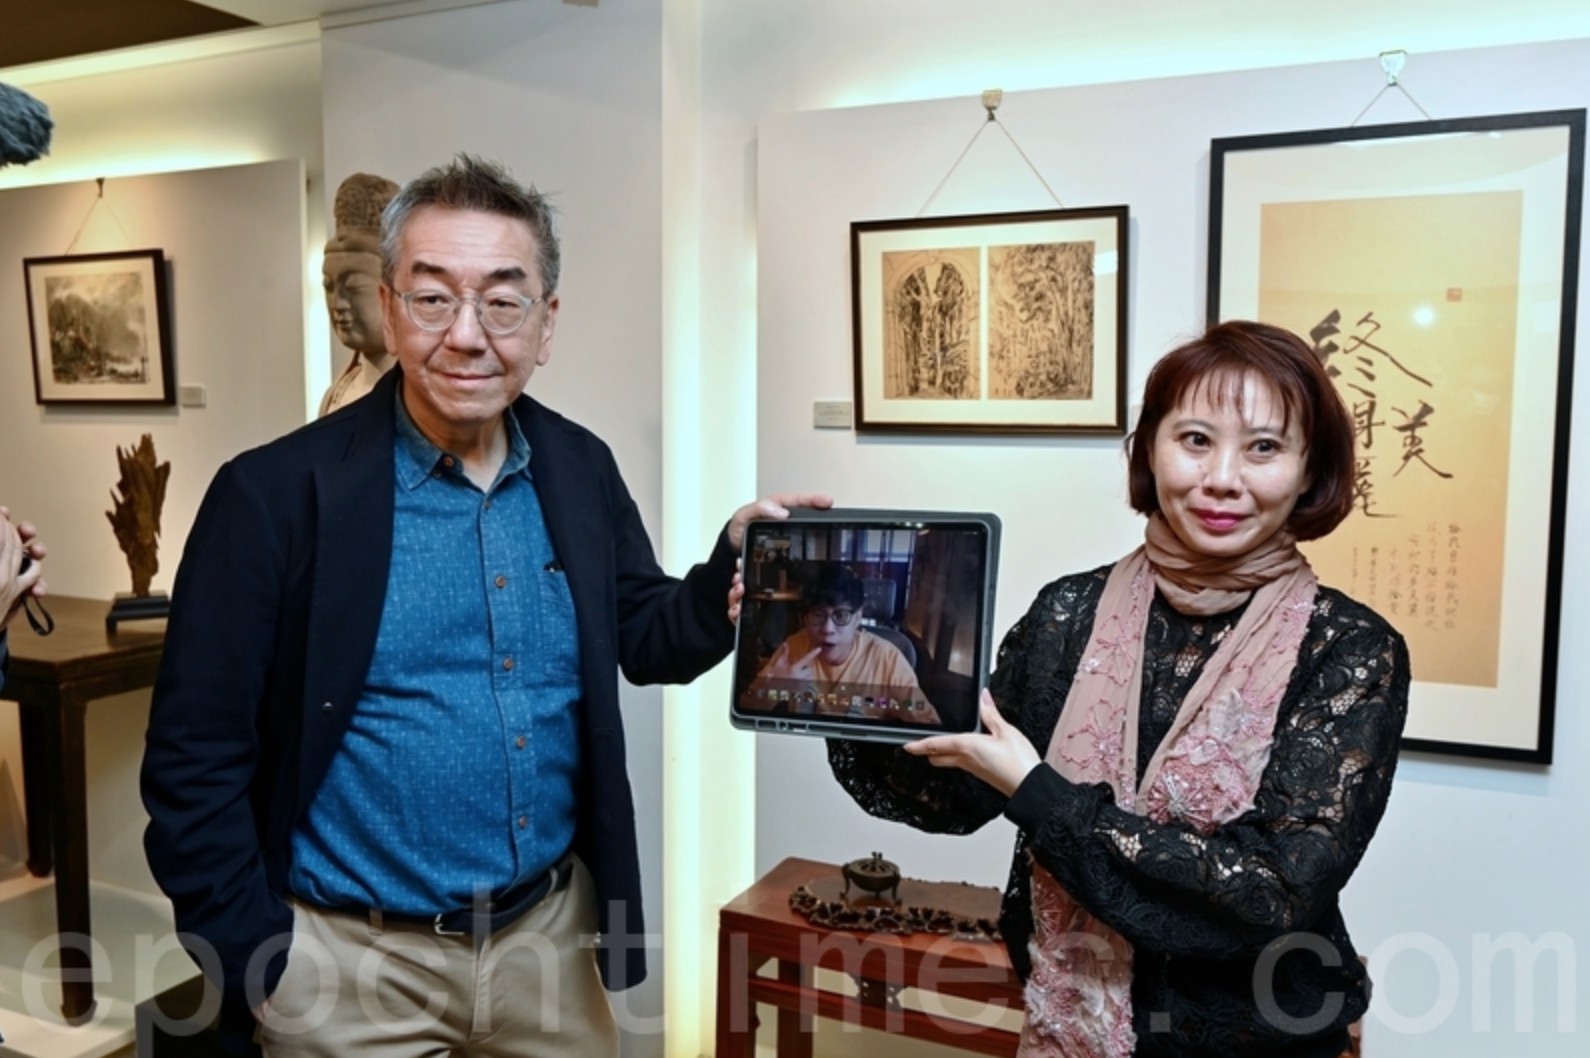 香港作家陶傑(左)與著名作詞人林夕(屏幕中),本月下旬將首次聯合在上環舉辦書畫展。陶傑9日率先到展館導覽,並與身在台灣的林夕透過視像交流暢談。(宋碧龍/大紀元)